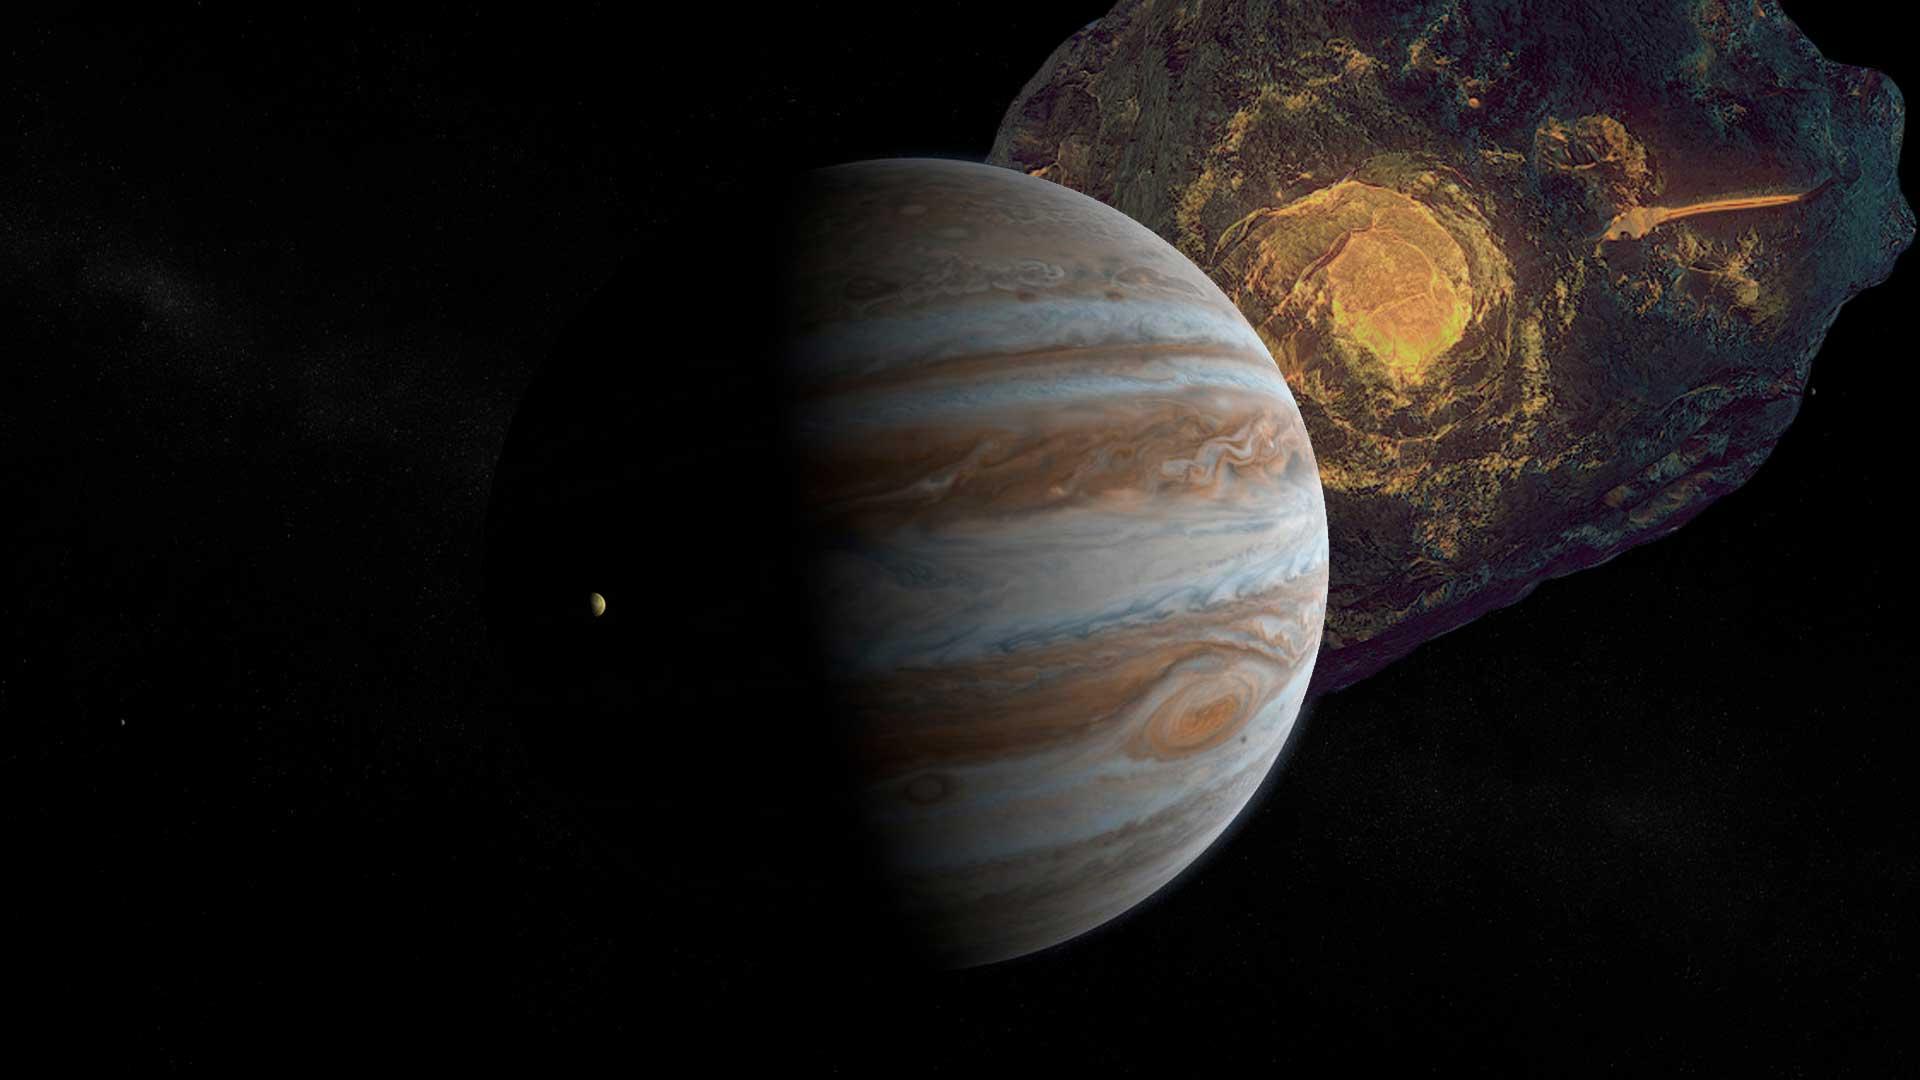 Cometa Hulk, el cometa más grande que Júpiter, se dirige con mayor velocidad hacia nuestro Sistema Solar